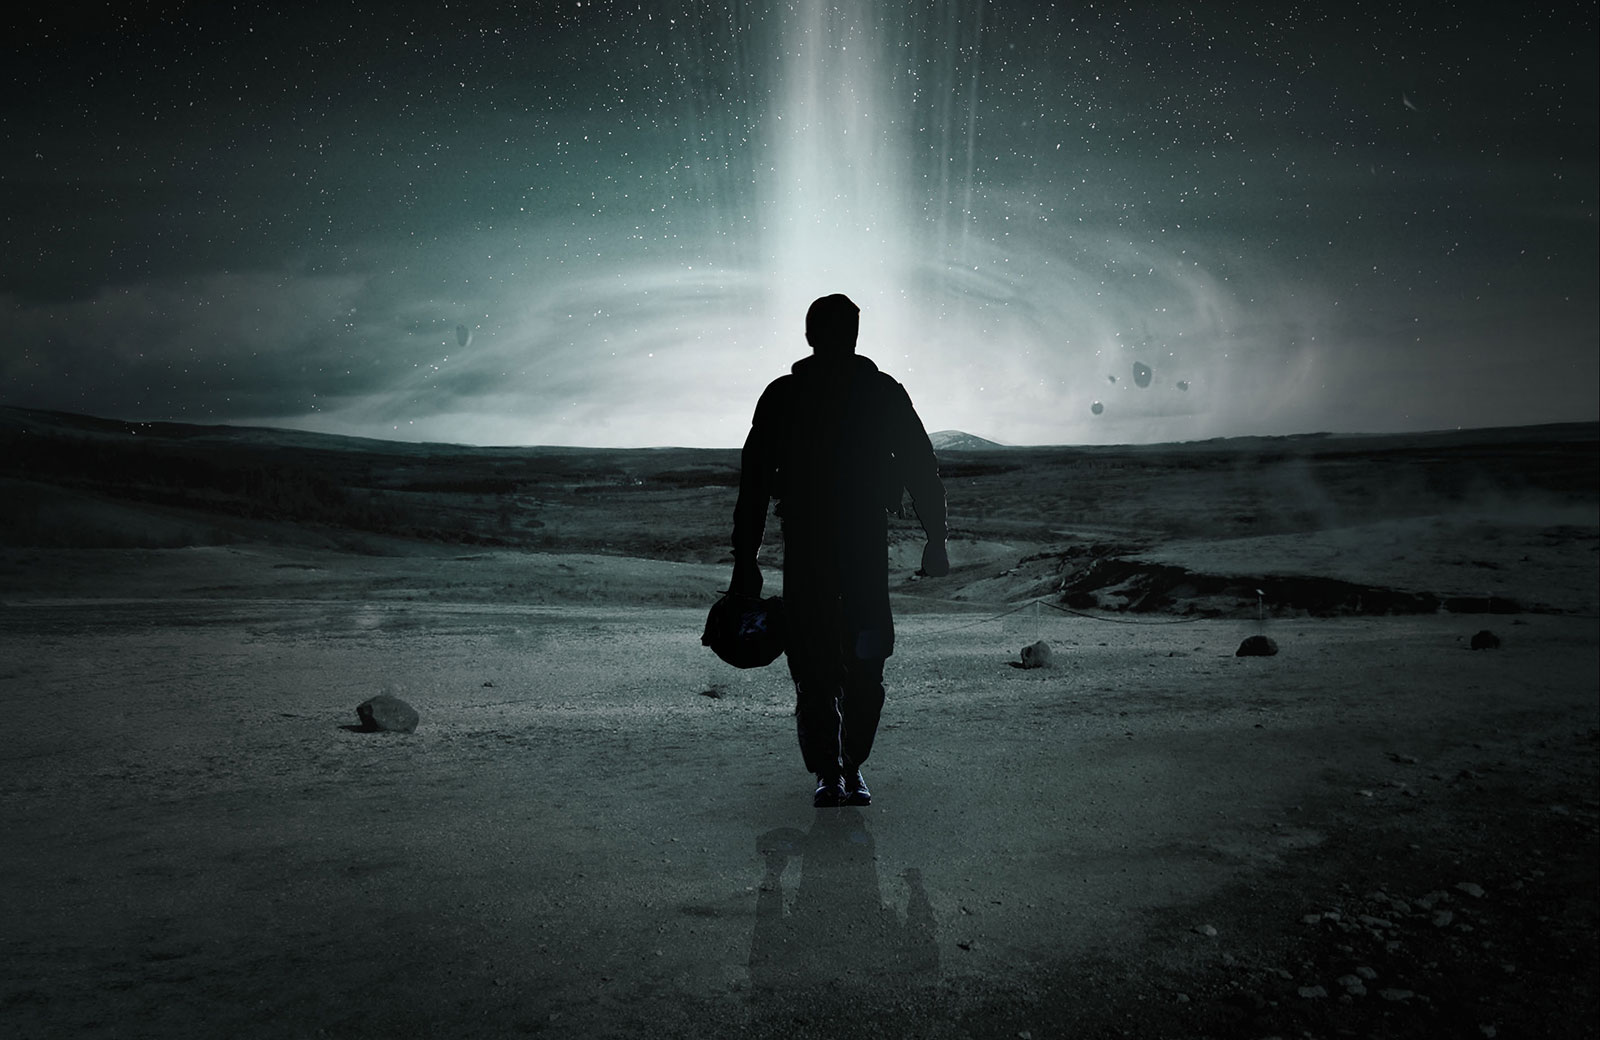 sochnik_movie_interstellar2014_4.jpg